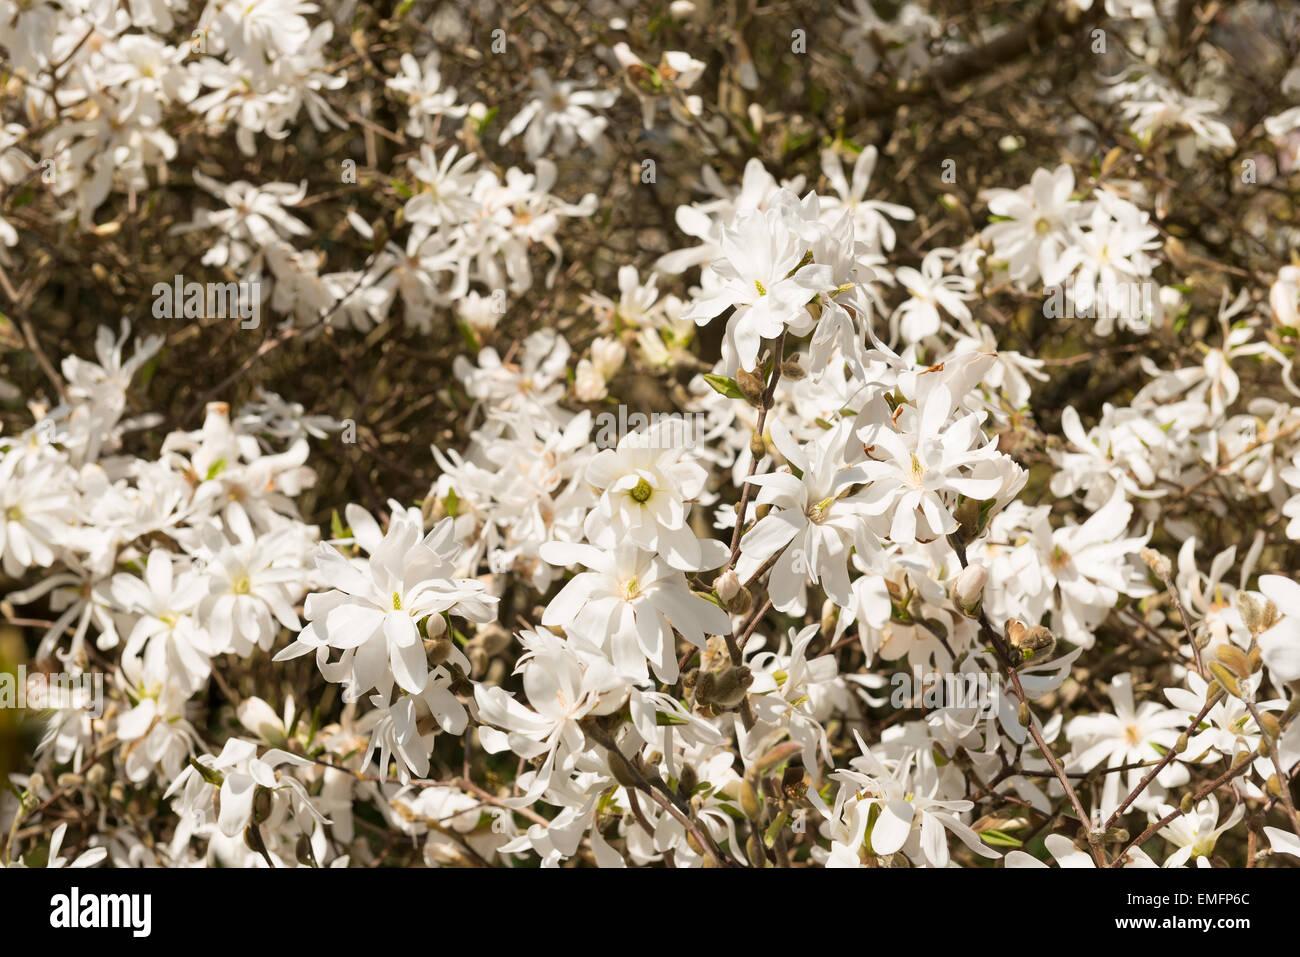 Erste Blumen Fruhling Viele Sanfte Weisse Farbton Magnolie Blume